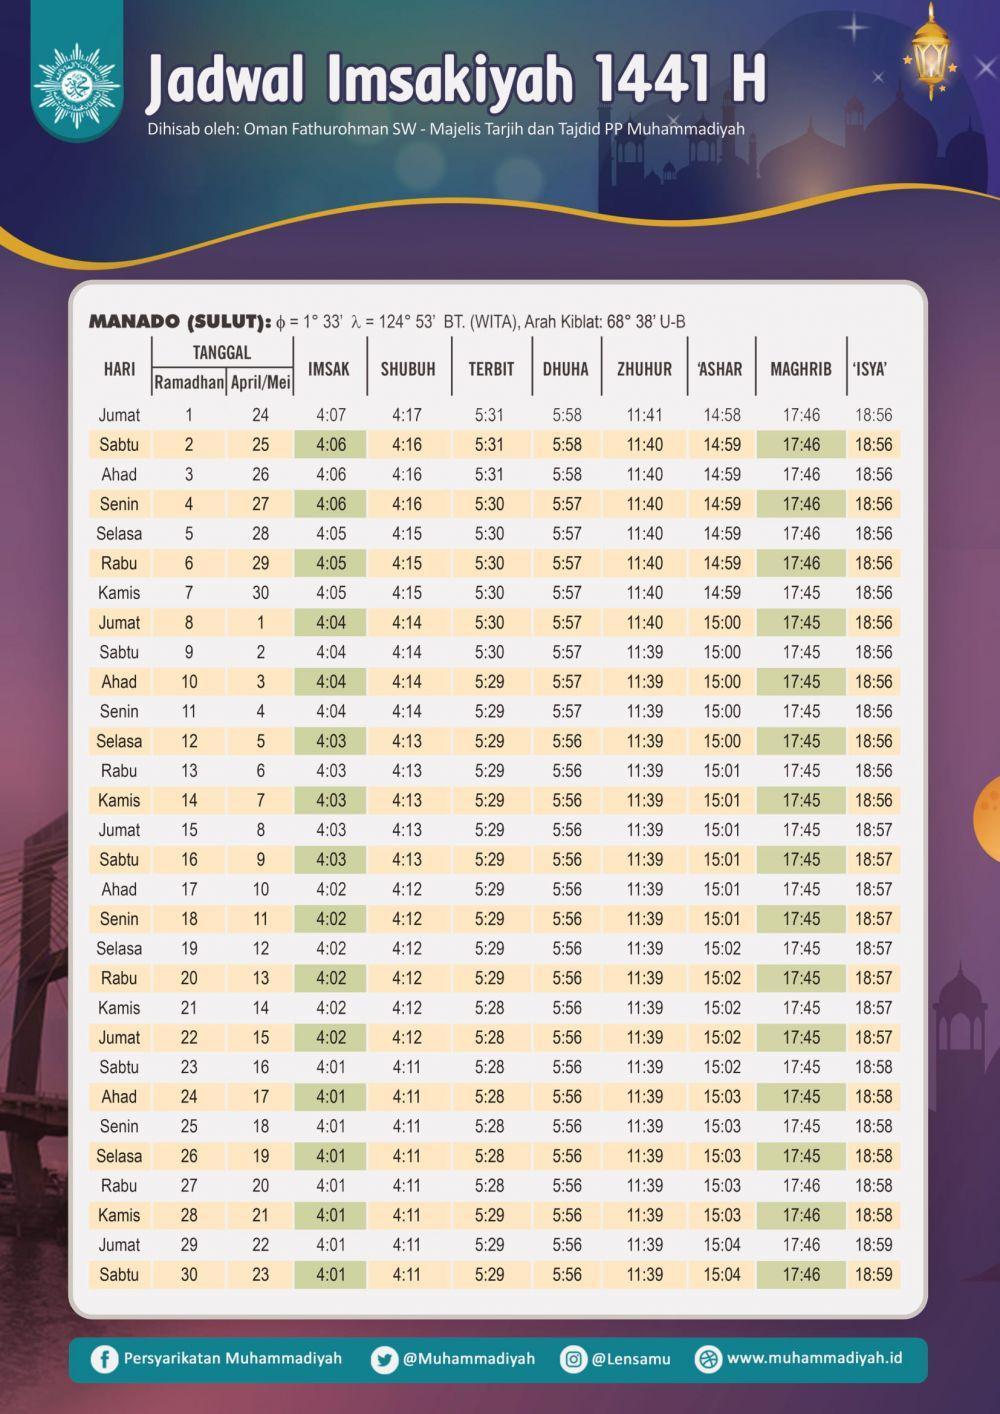 Jadwal Imsakiyah dan Buka Puasa Ramadan 1441 H/2020 M, Manado